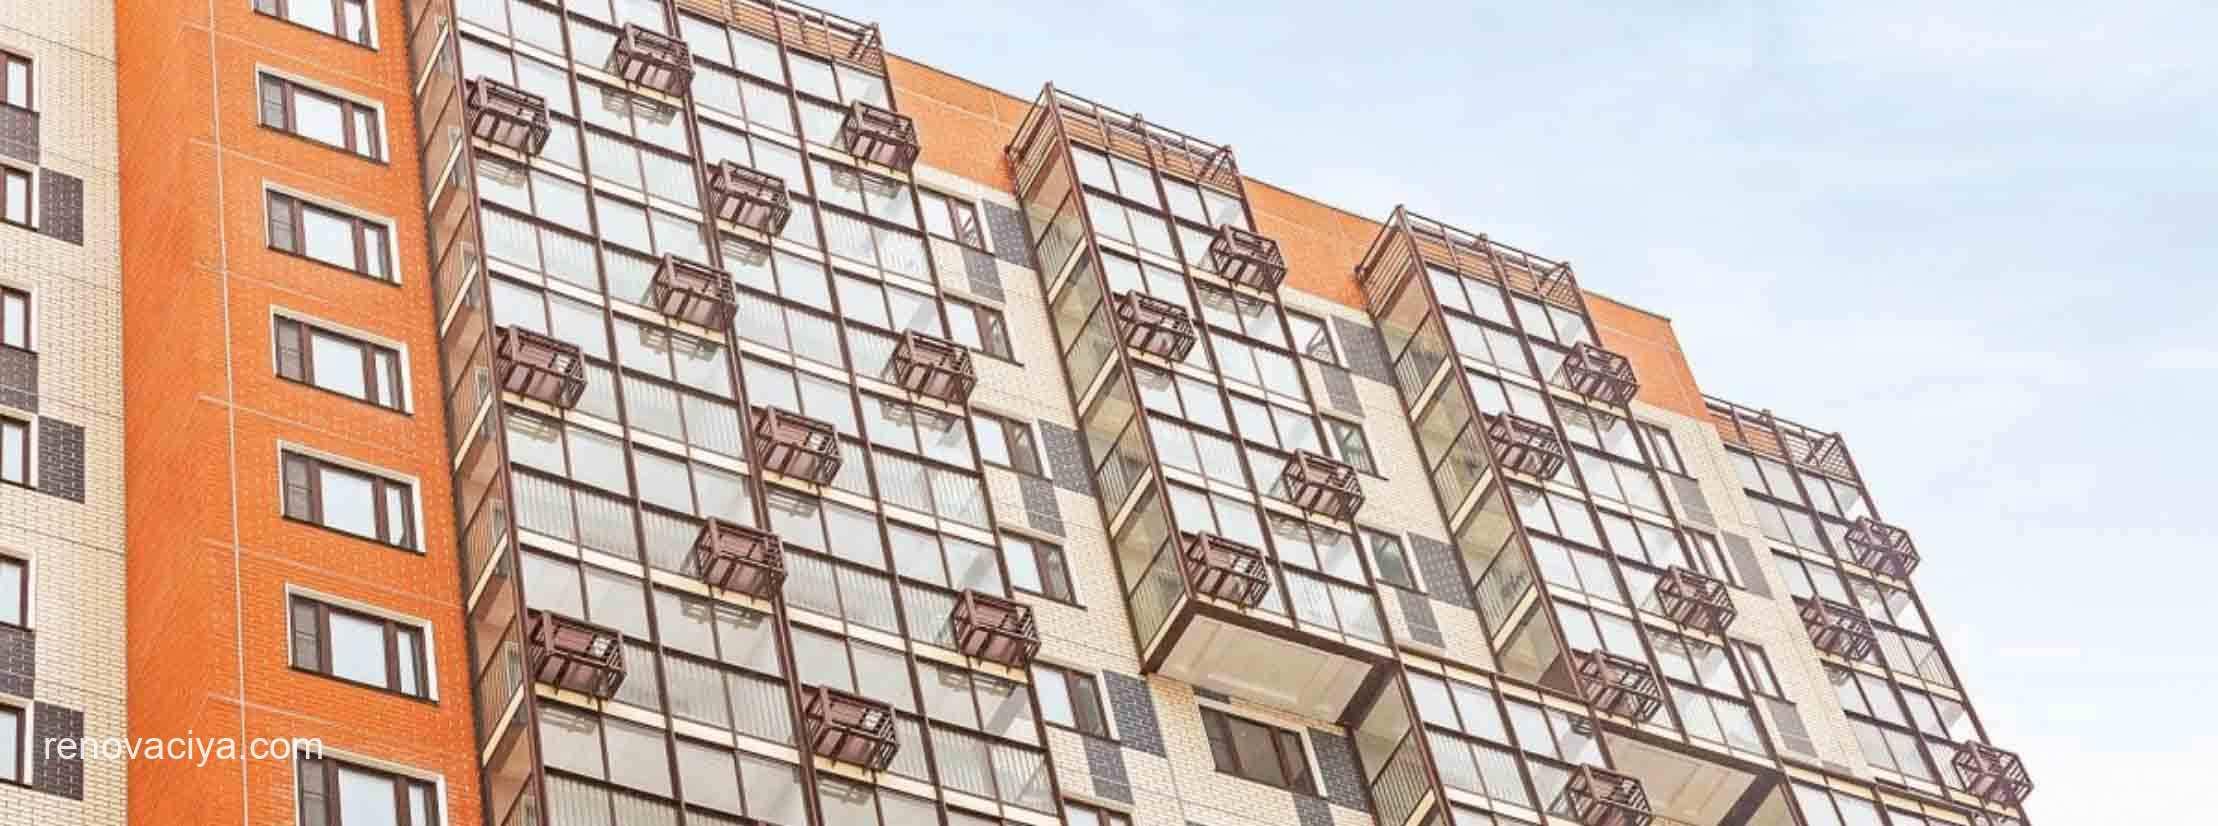 реновация в Бирюлеве - 18-этажный дом